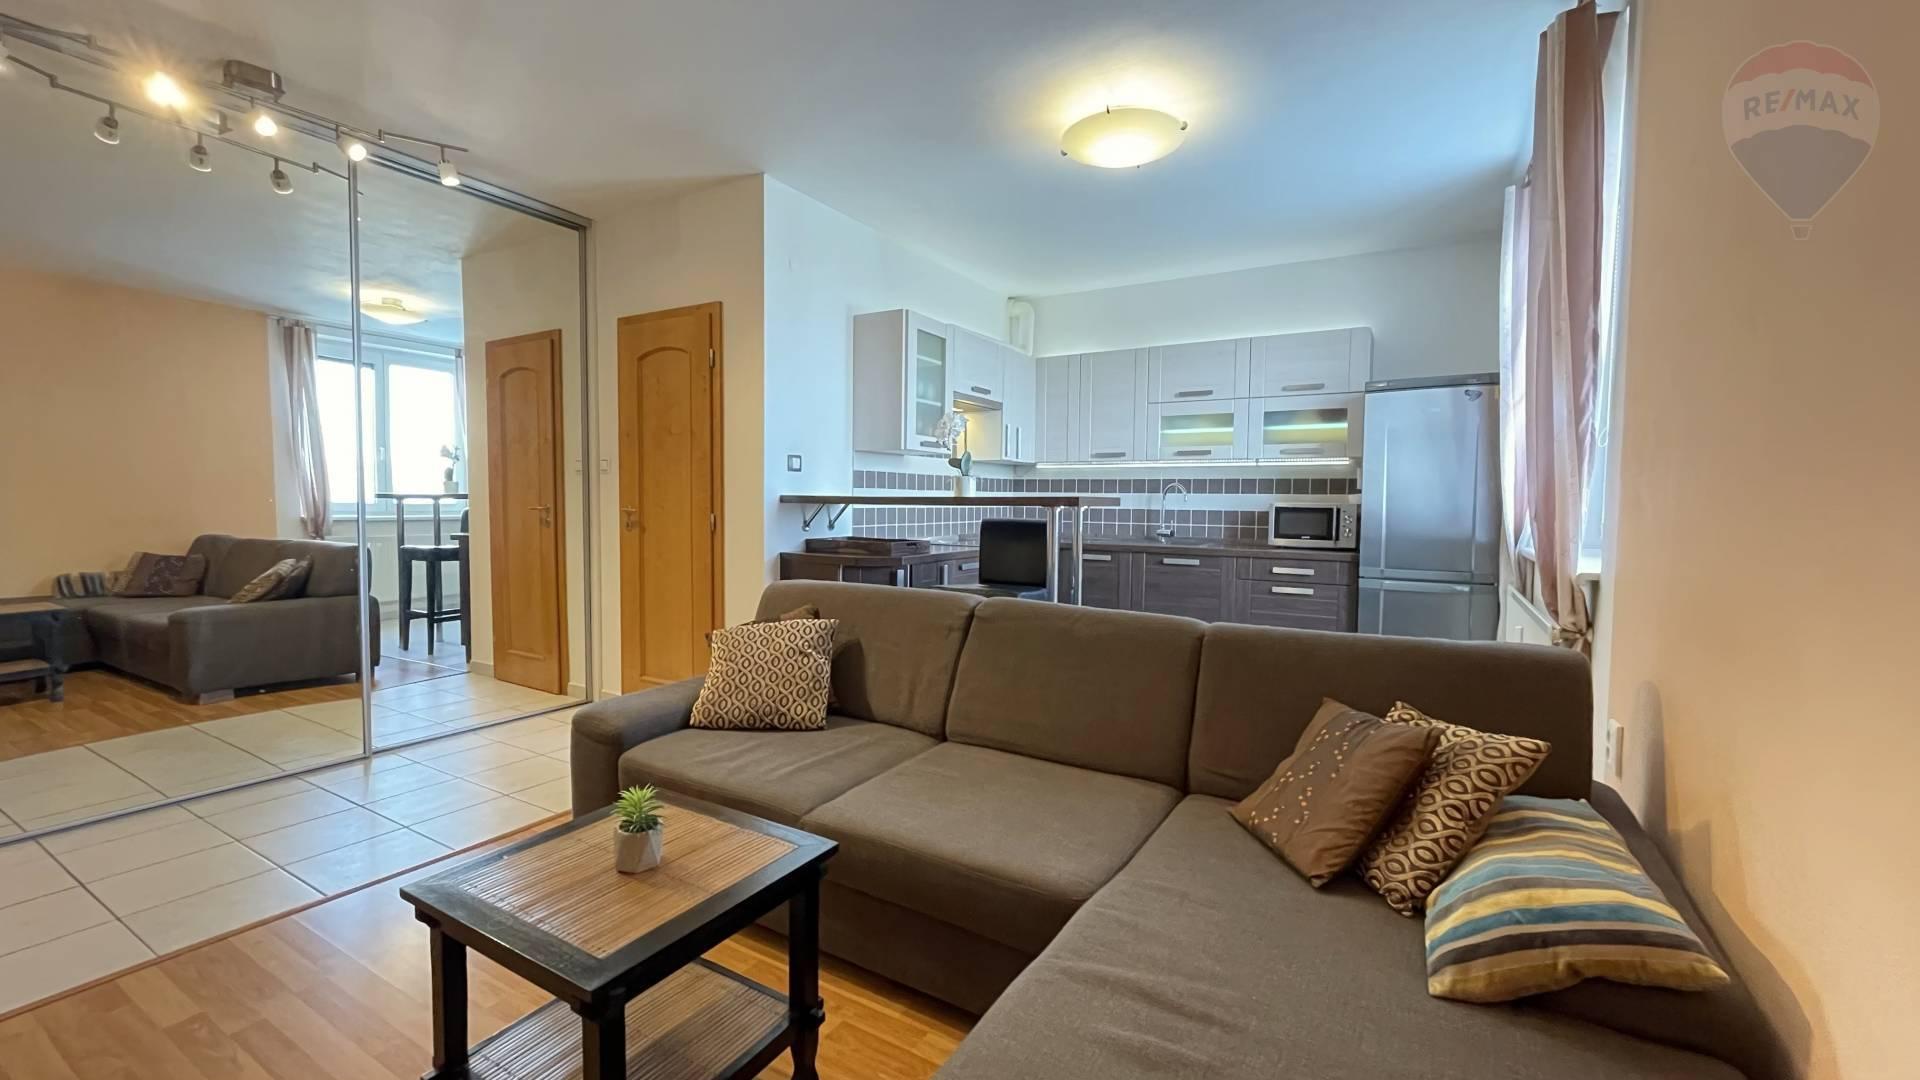 PREDAJ - veľký 1-izb. byt prerobený na 2-izb. - ZELEŇ NA SKOK, POKOJNÉ BÝVANIE - BA II, PÍNIOVÁ UL.